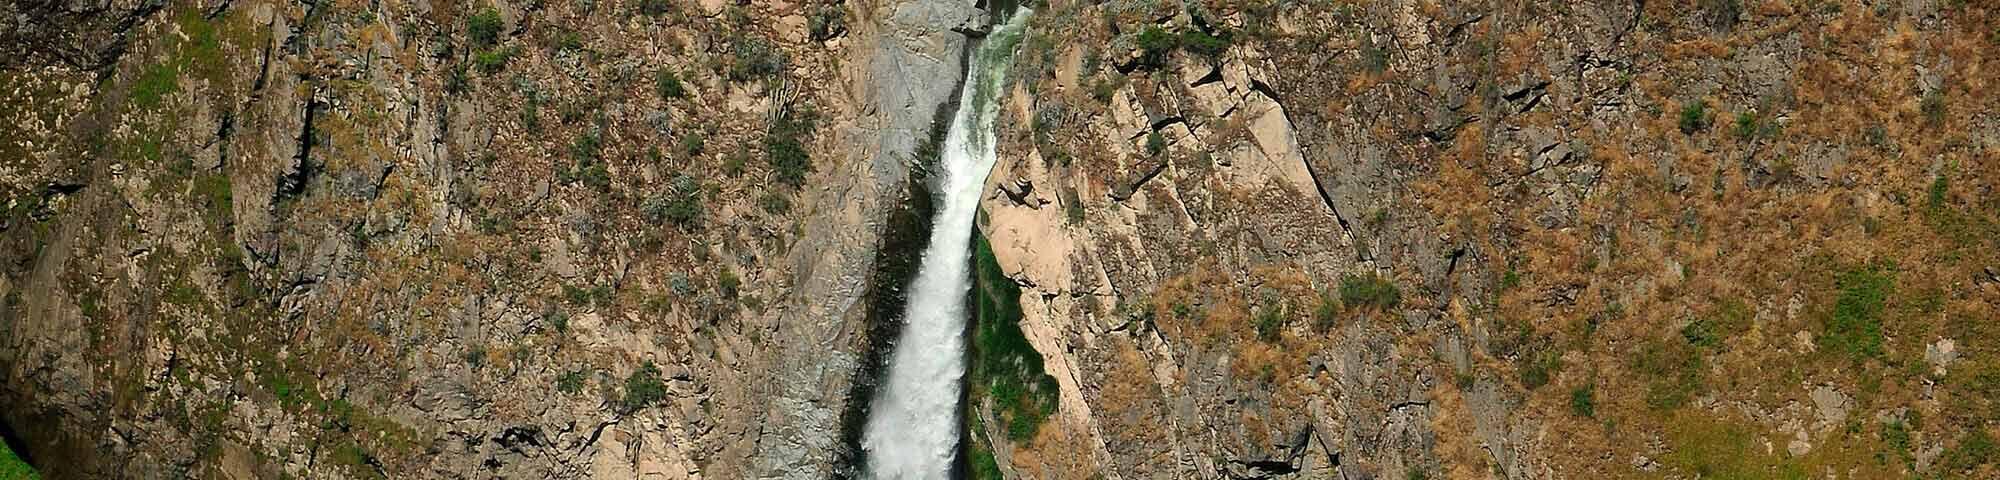 Mirador y catarata de Uskune (Pampamarca)